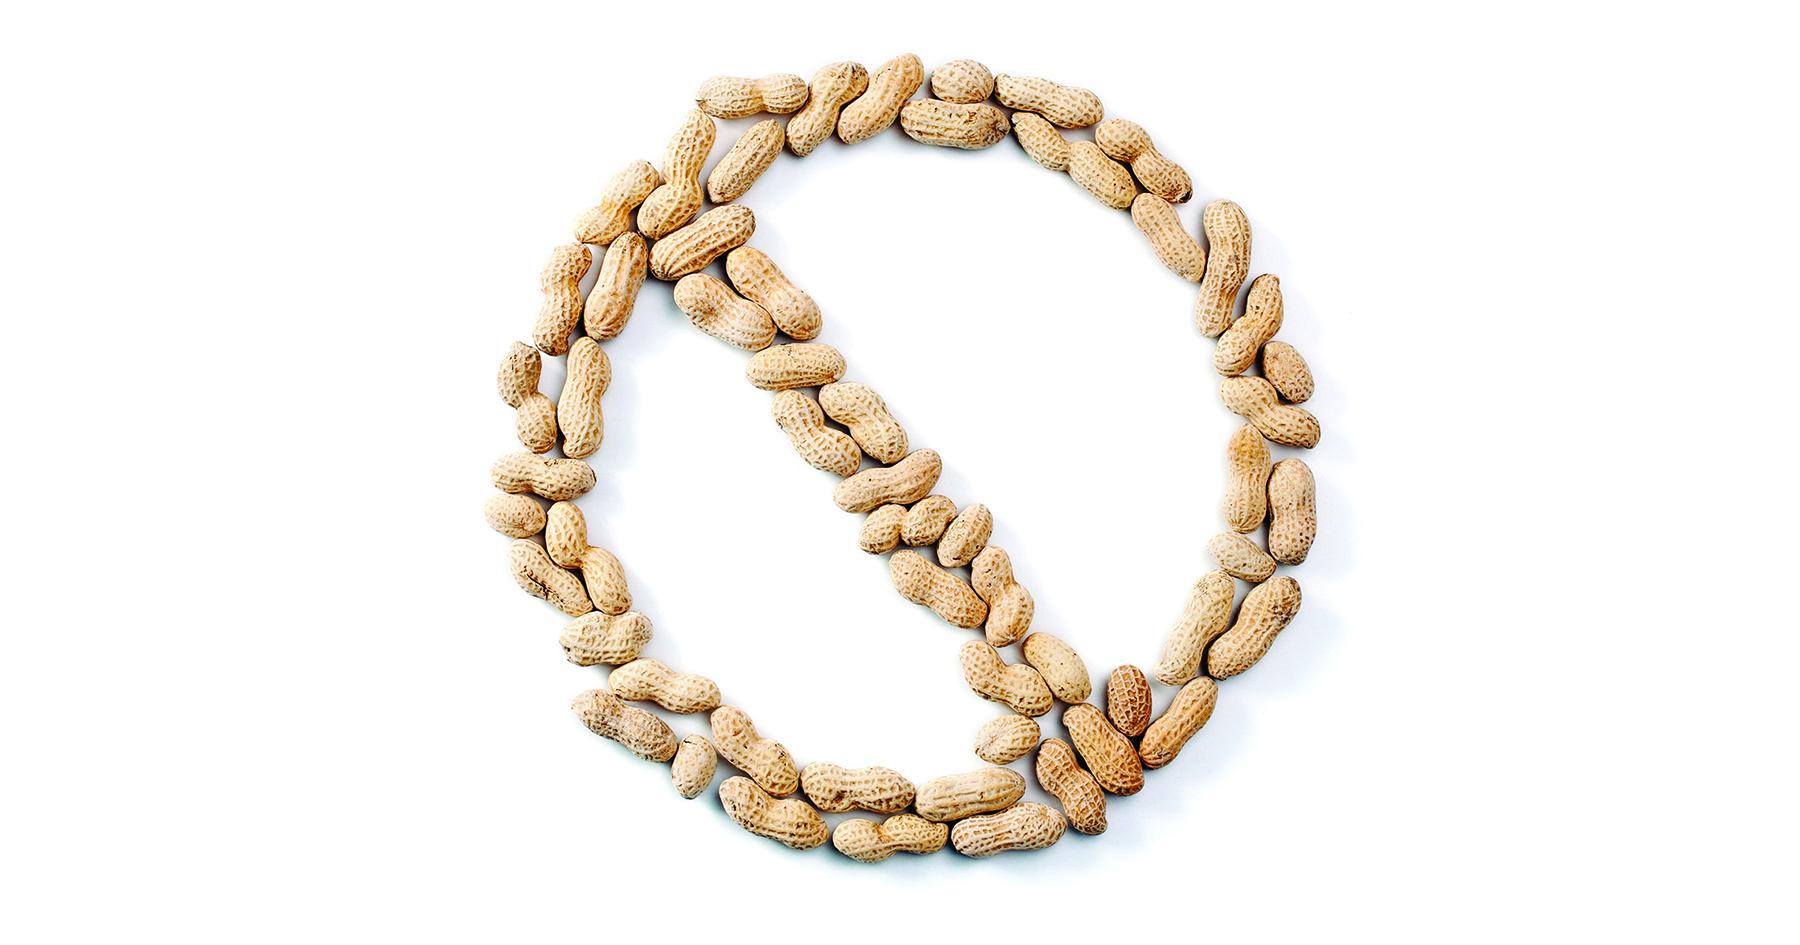 peanuts sign